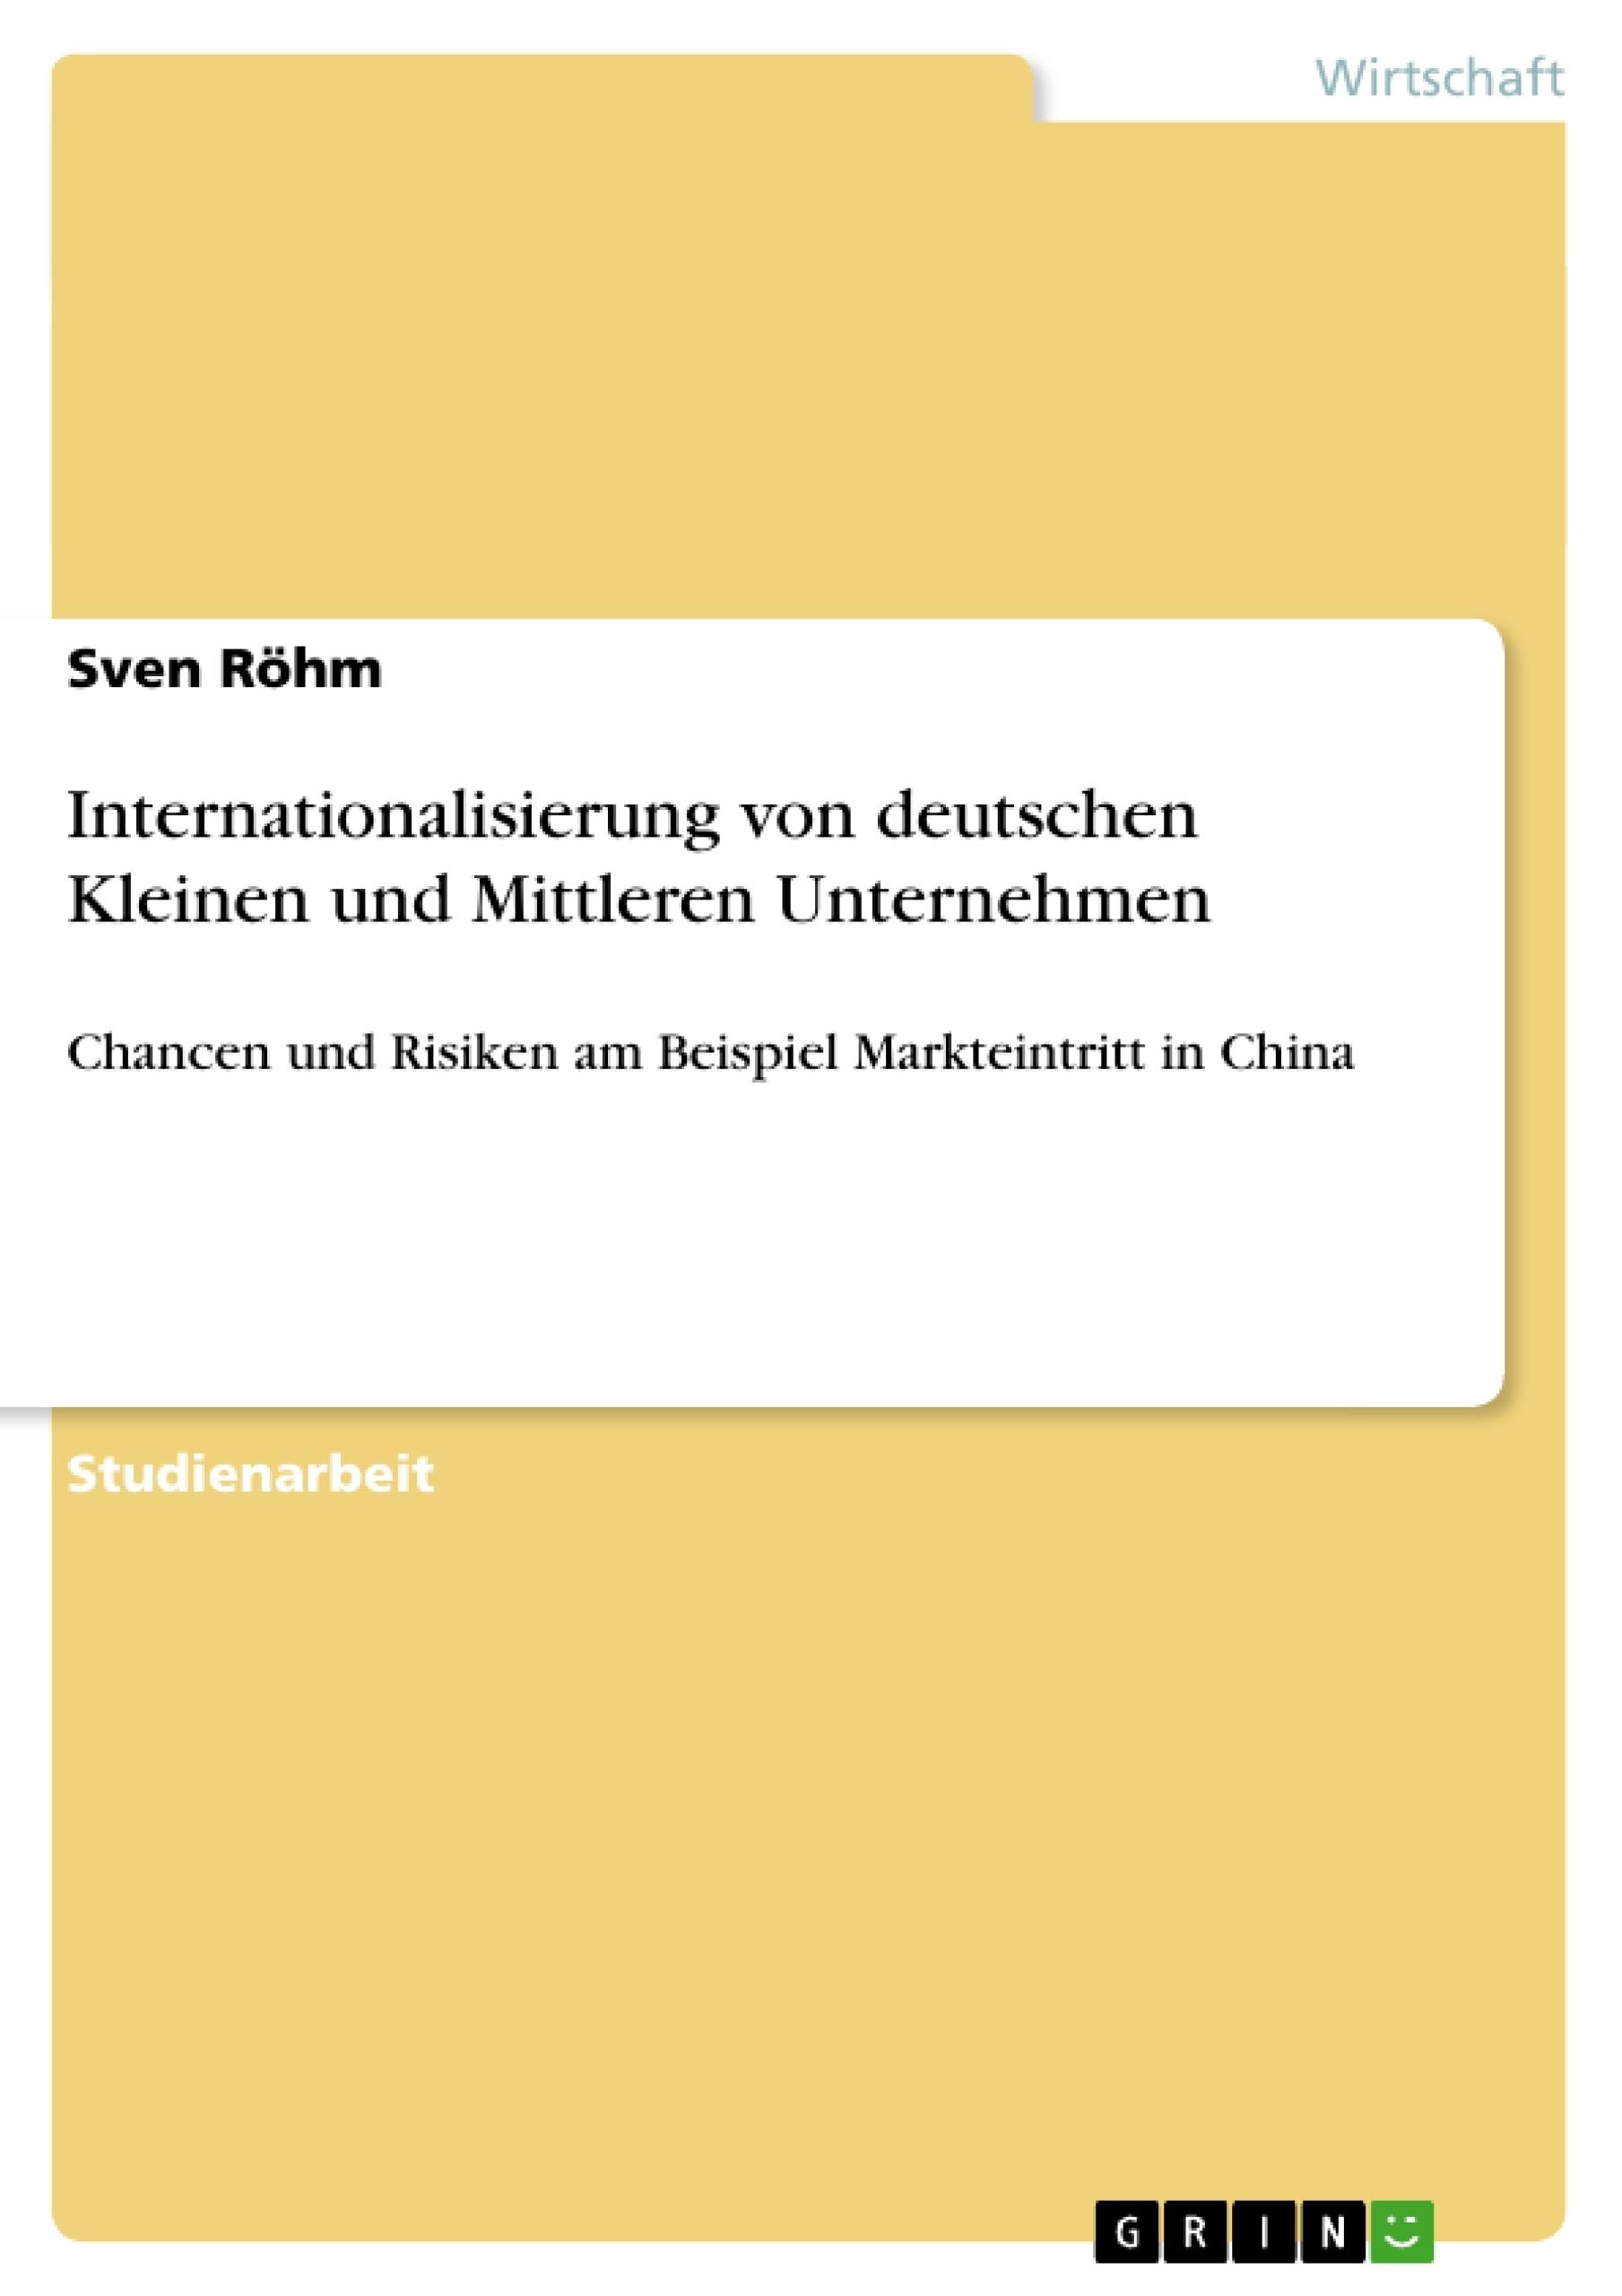 Titel: Internationalisierung von deutschen Kleinen und Mittleren Unternehmen